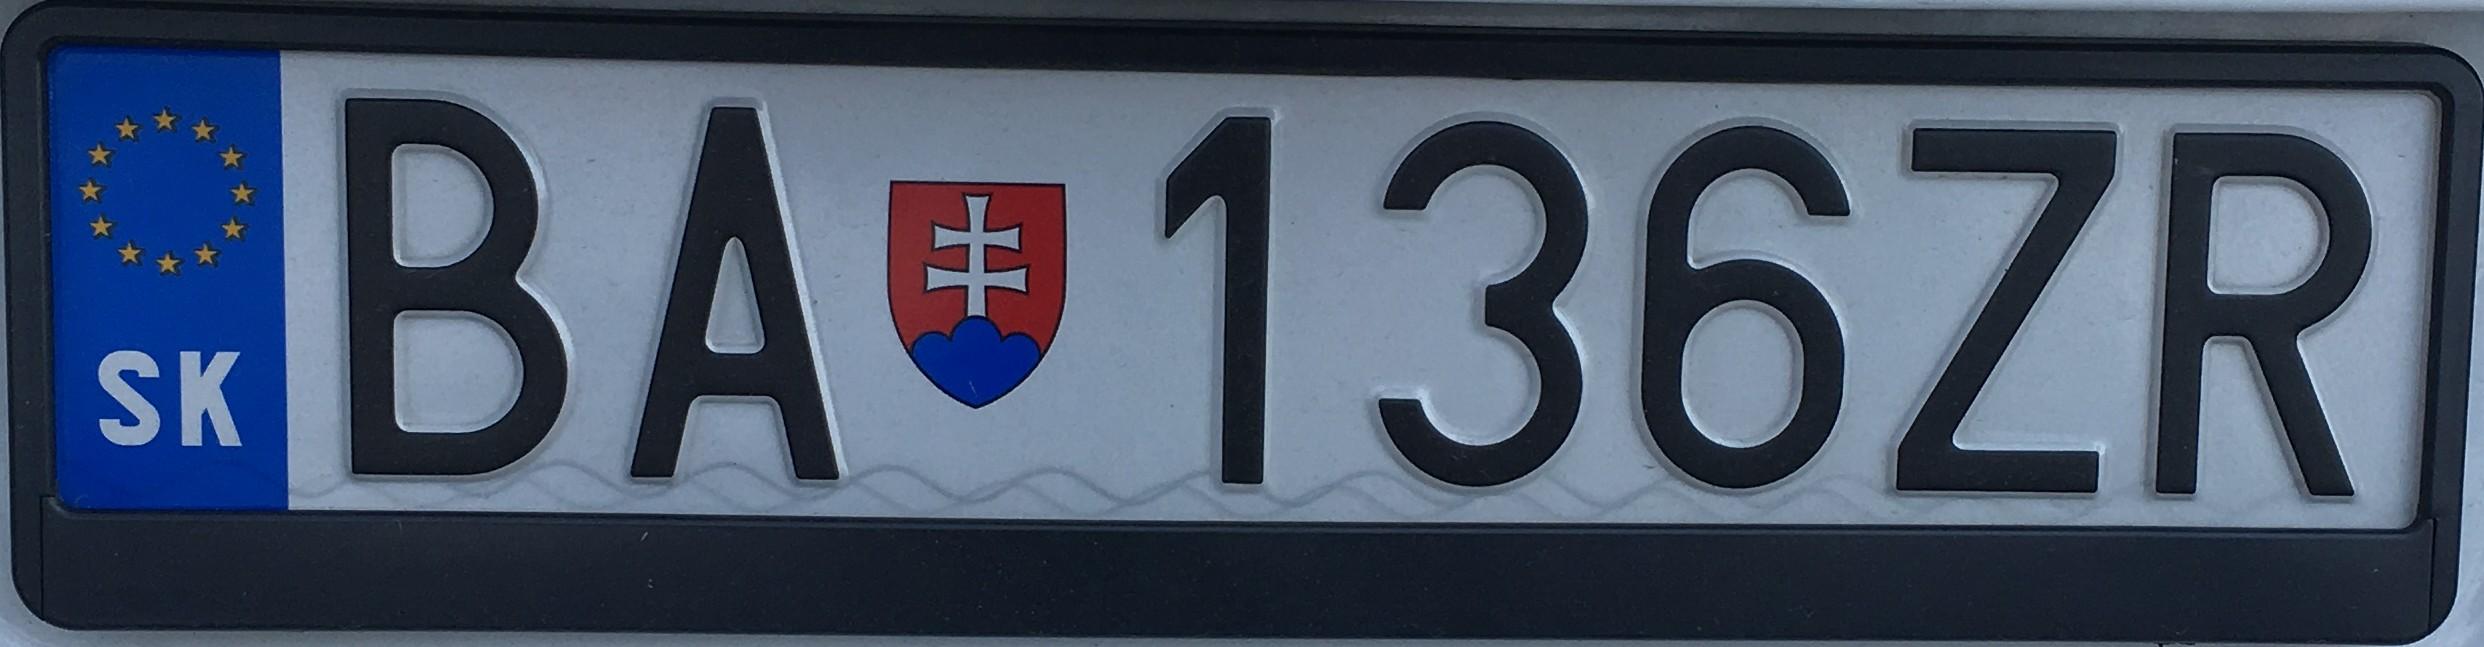 Registrační značka: BA - Bratislava, foto: vlastní